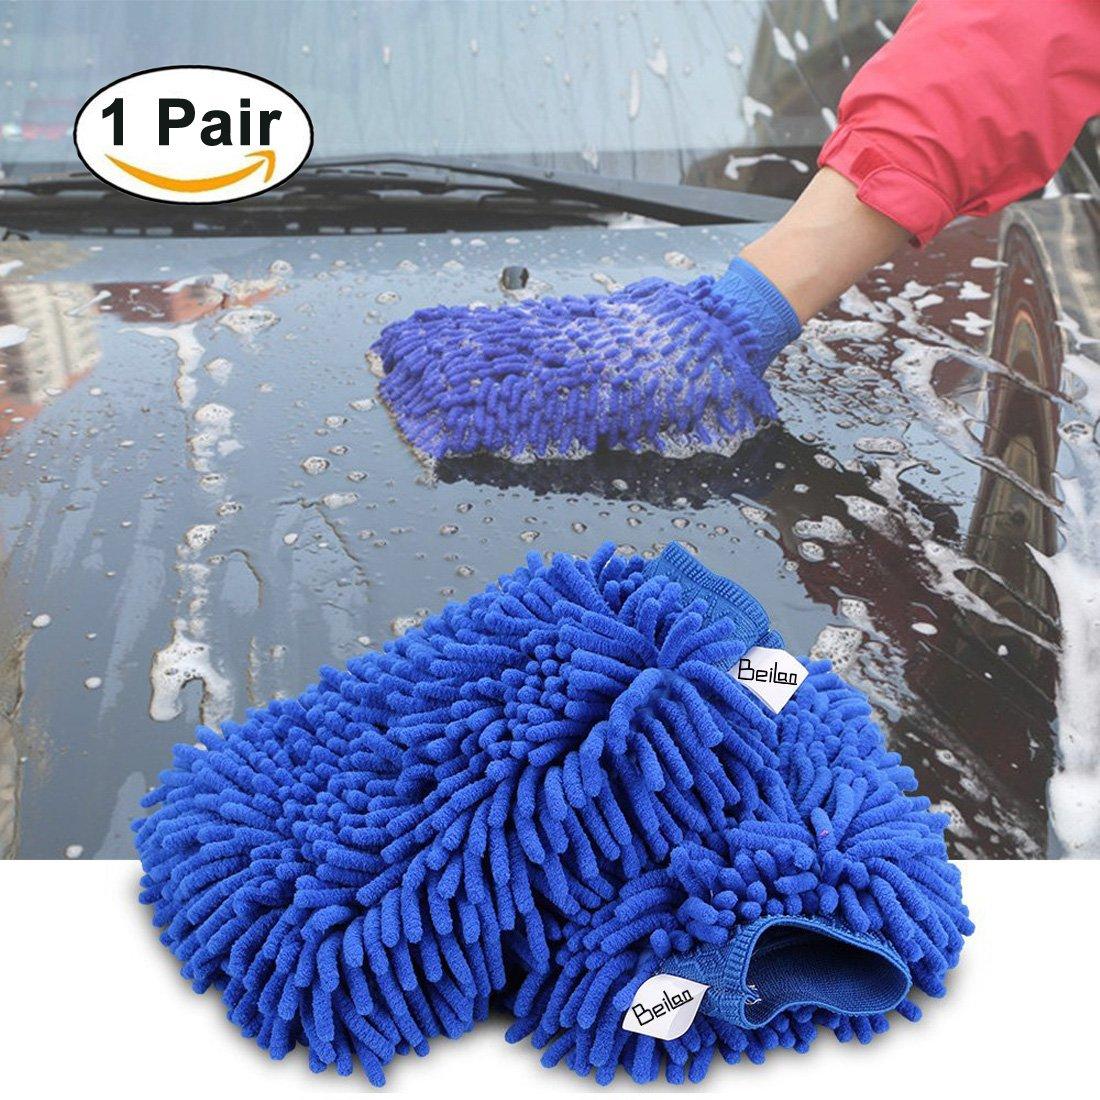 1 paire Mitt de lavage de voiture Chenille Microfibre Nettoyant Mitt Gloves Haute densité Ultra doux Gant de lavage, Lint Free, Scratch gratuit, Utilisé Mouillé ou Sec - Bleu, Taille Réguliè